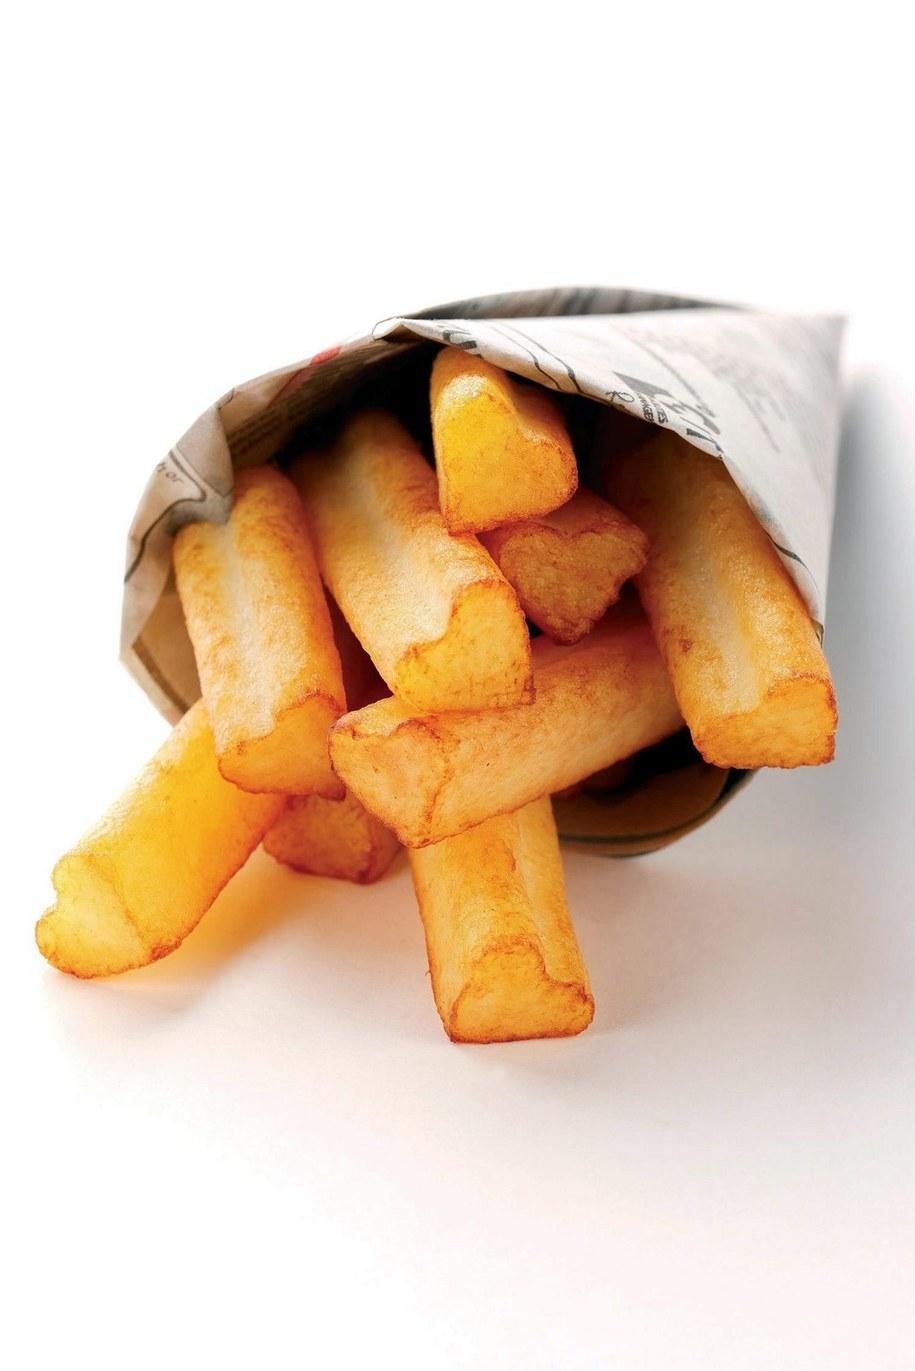 Niezdrowe jedzenei króluje w większości szkolnych sklepików / KETCHUM/HANDOUT    /PAP/EPA